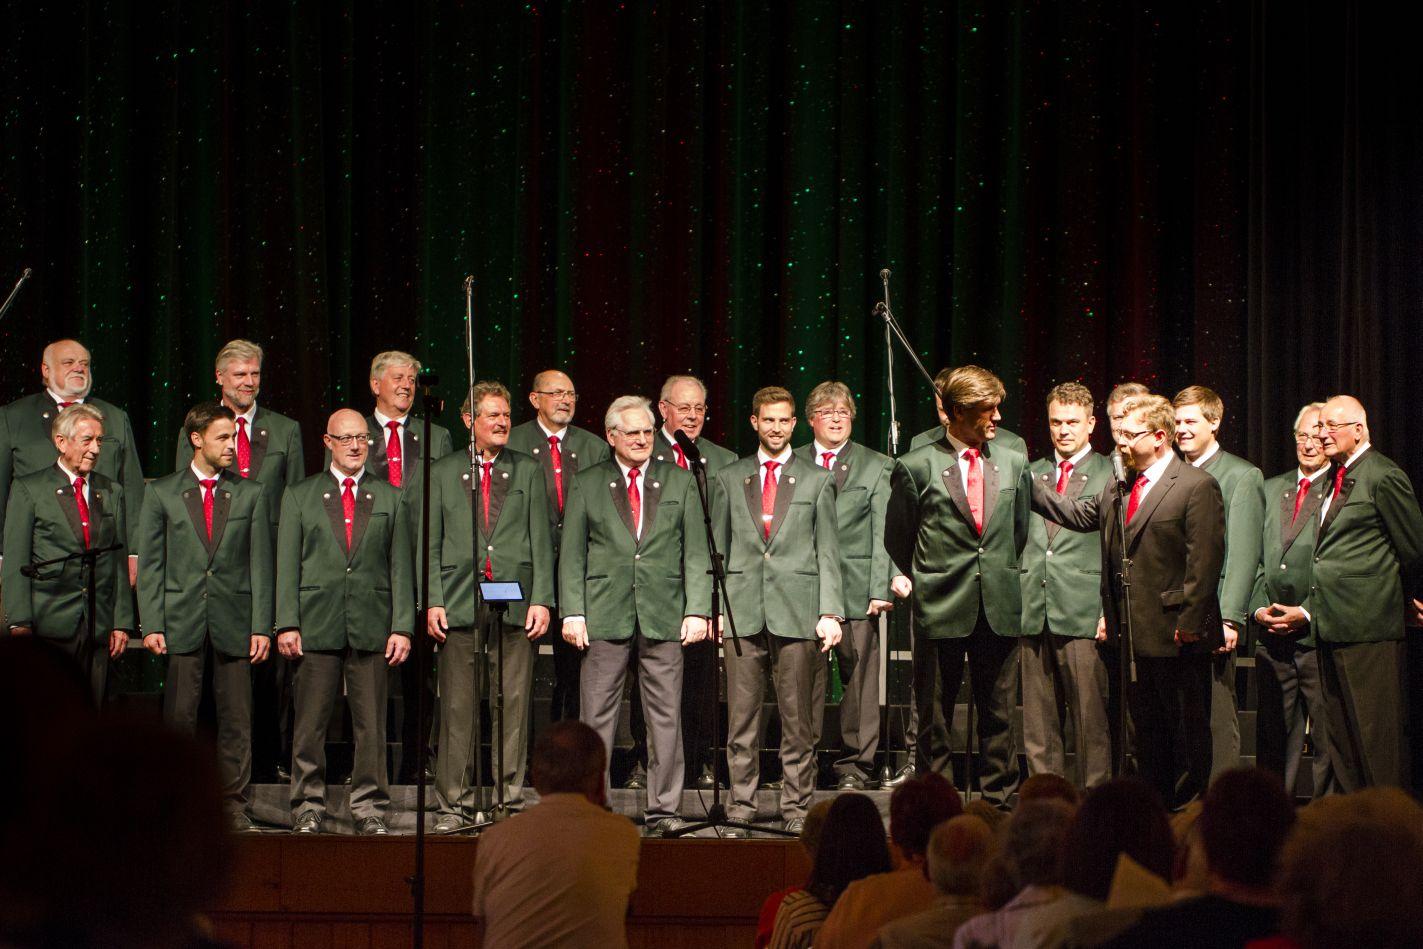 Chor der Polizei München